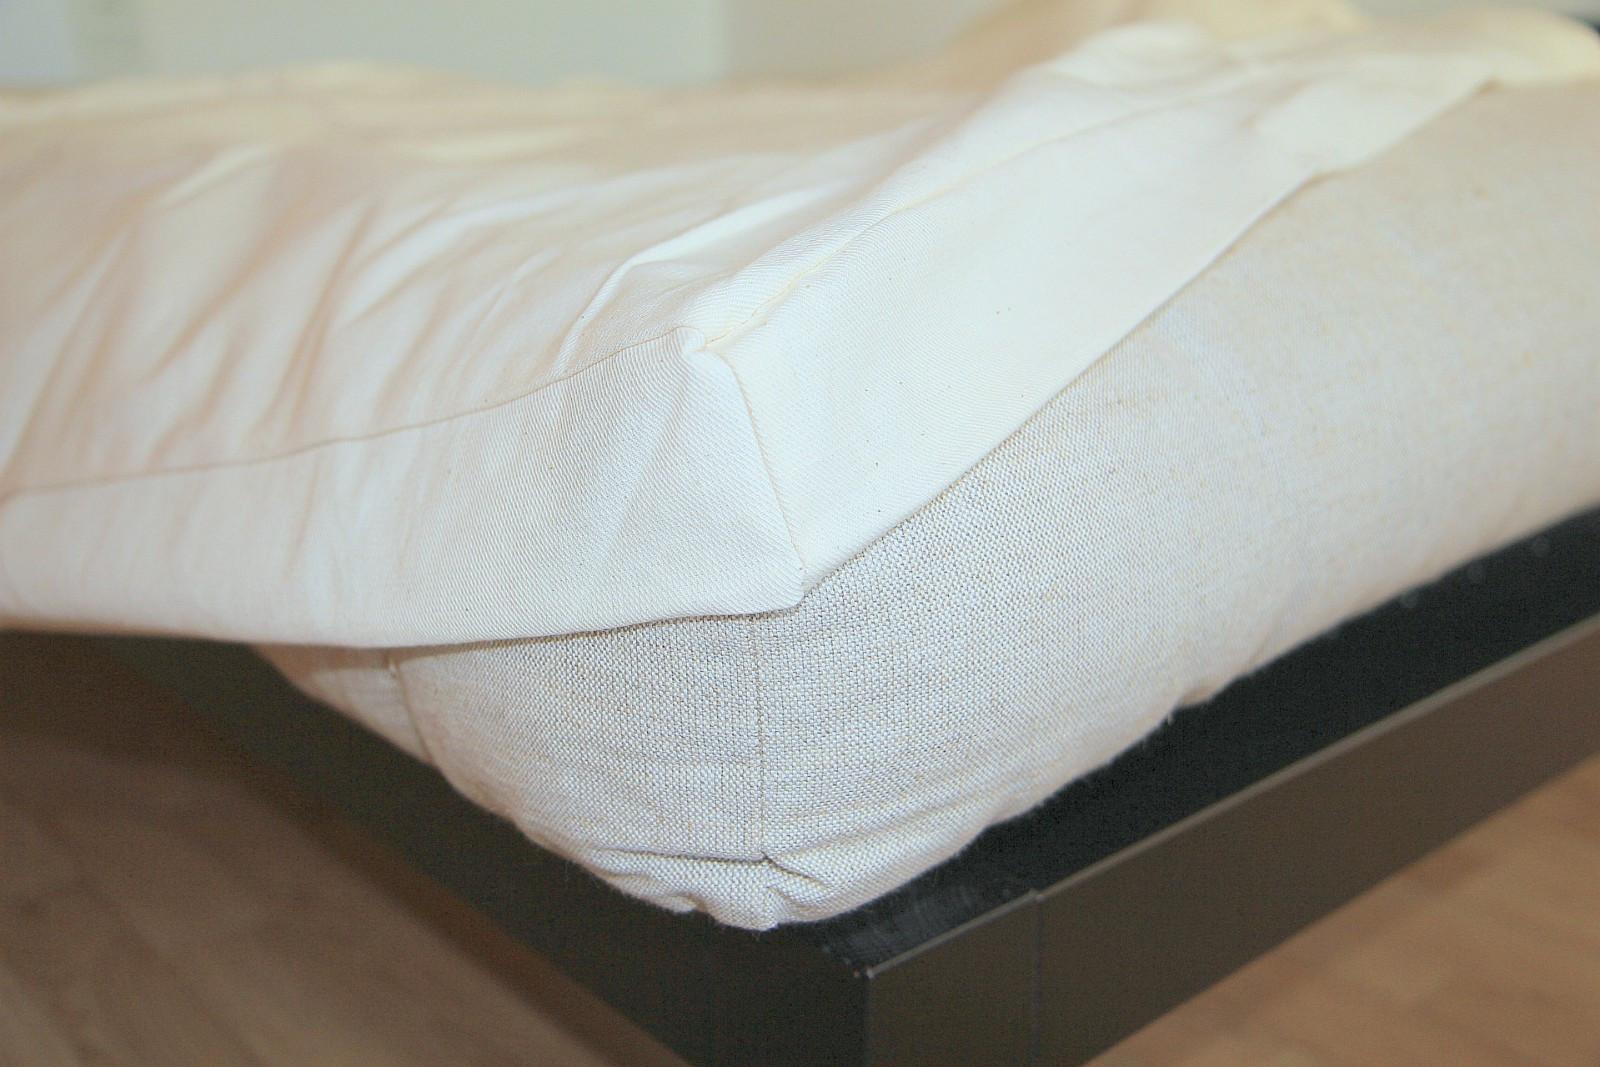 Modernistisk Salg. Avtagbart madrasstrekk med glidelås i mange farger | FINN.no DL-41